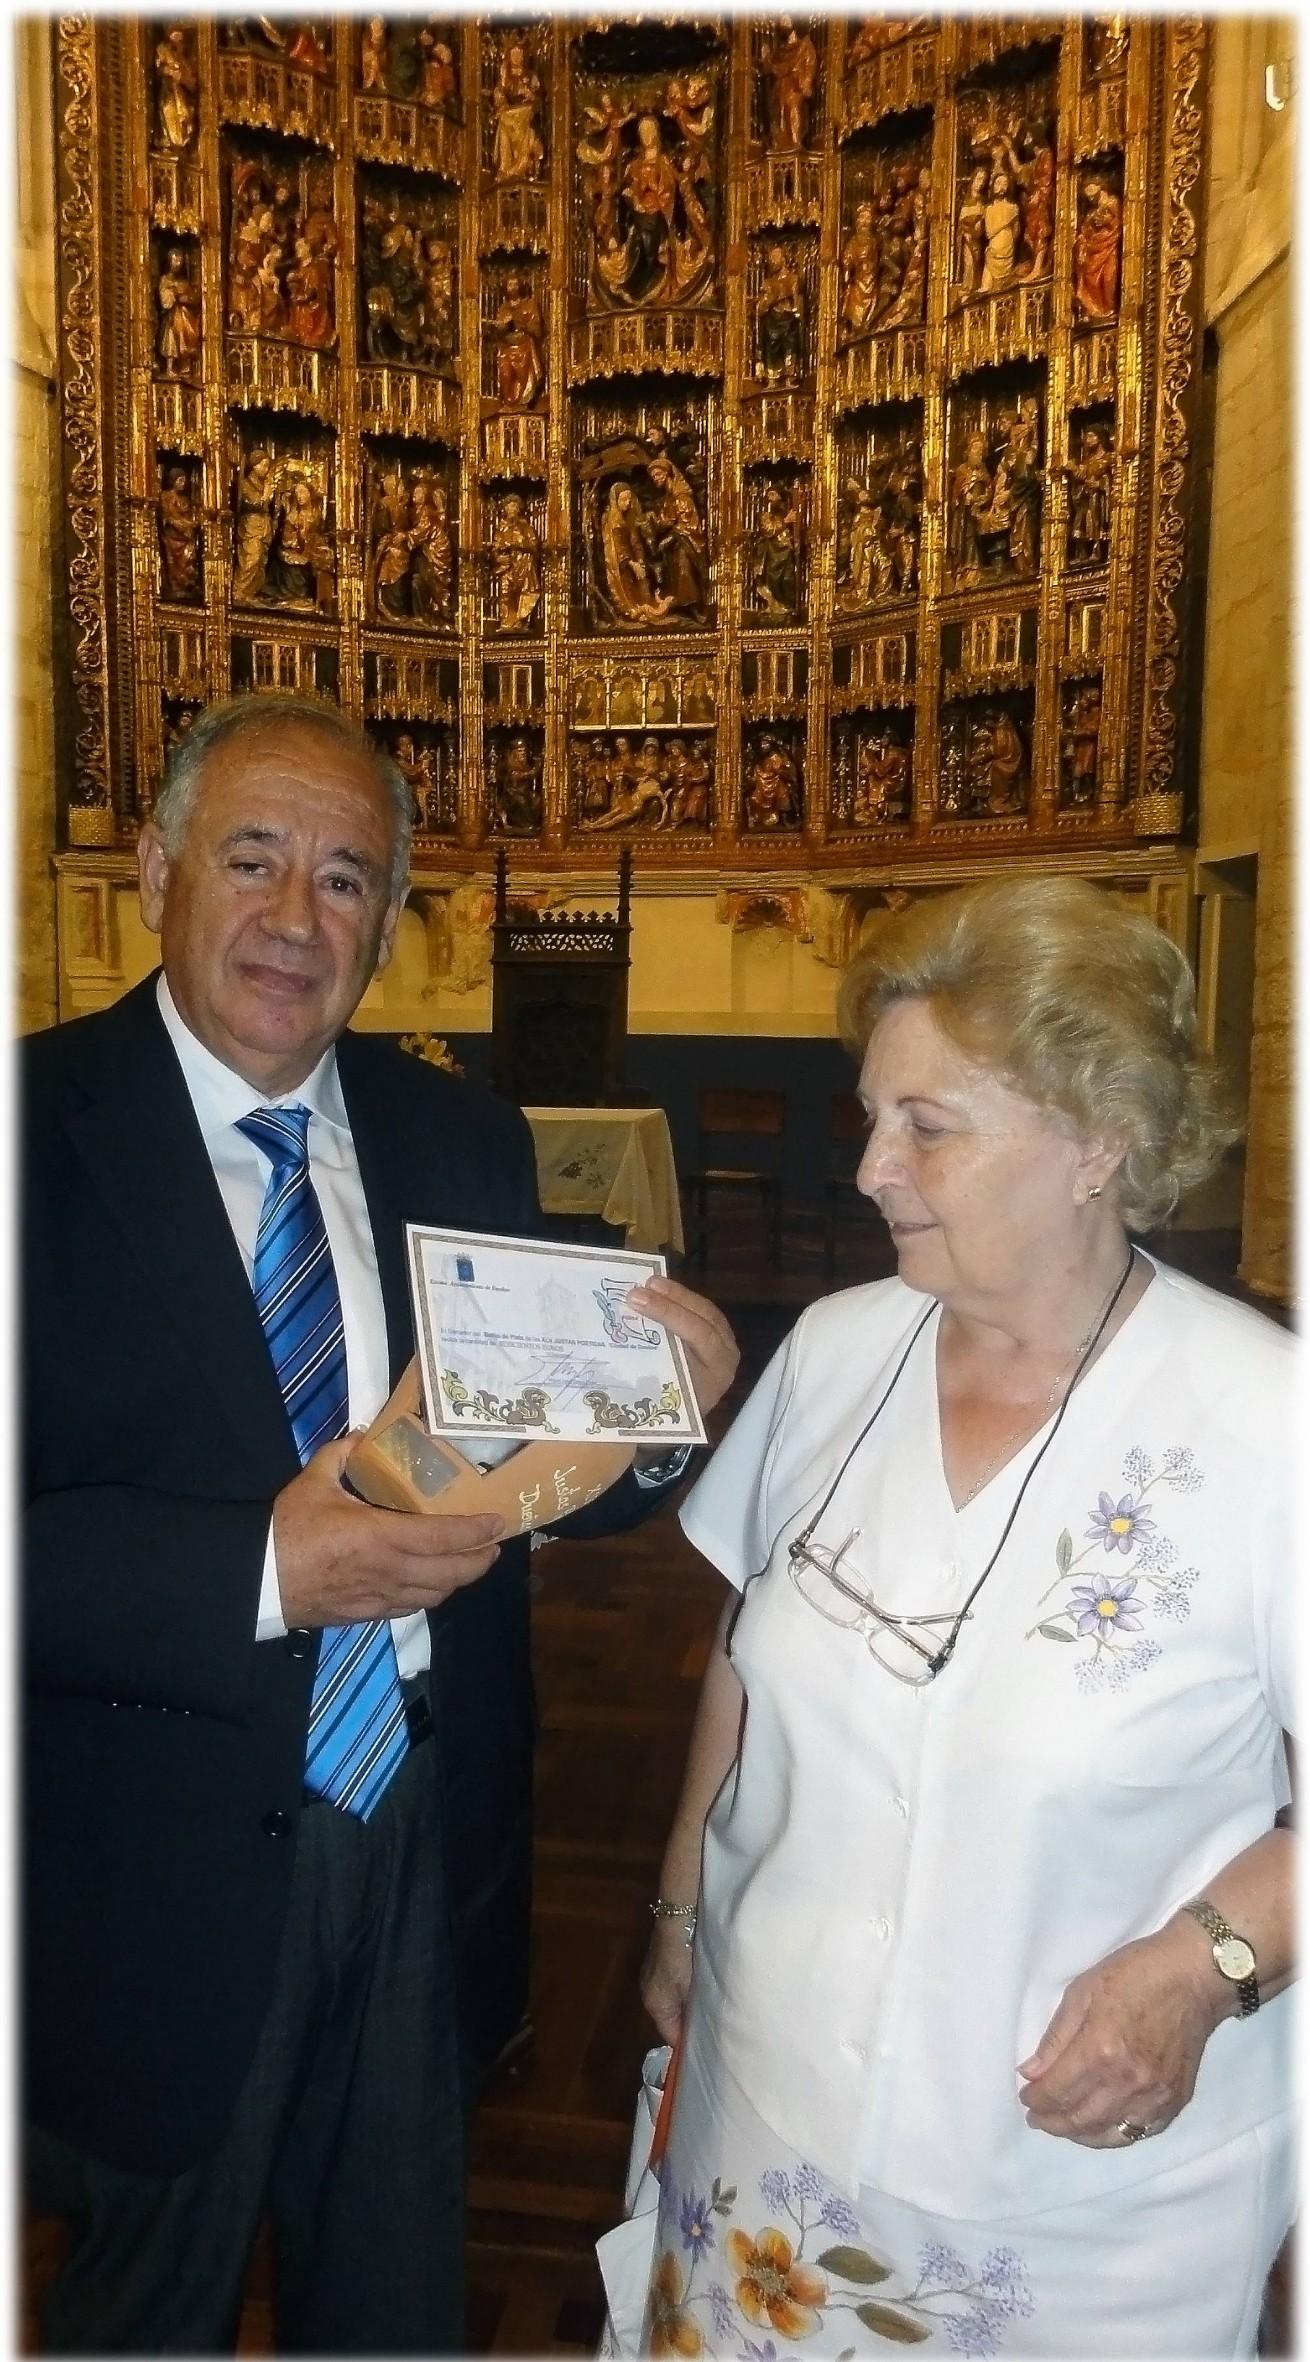 41-recogiendo premio en Dueñas agosto 2011